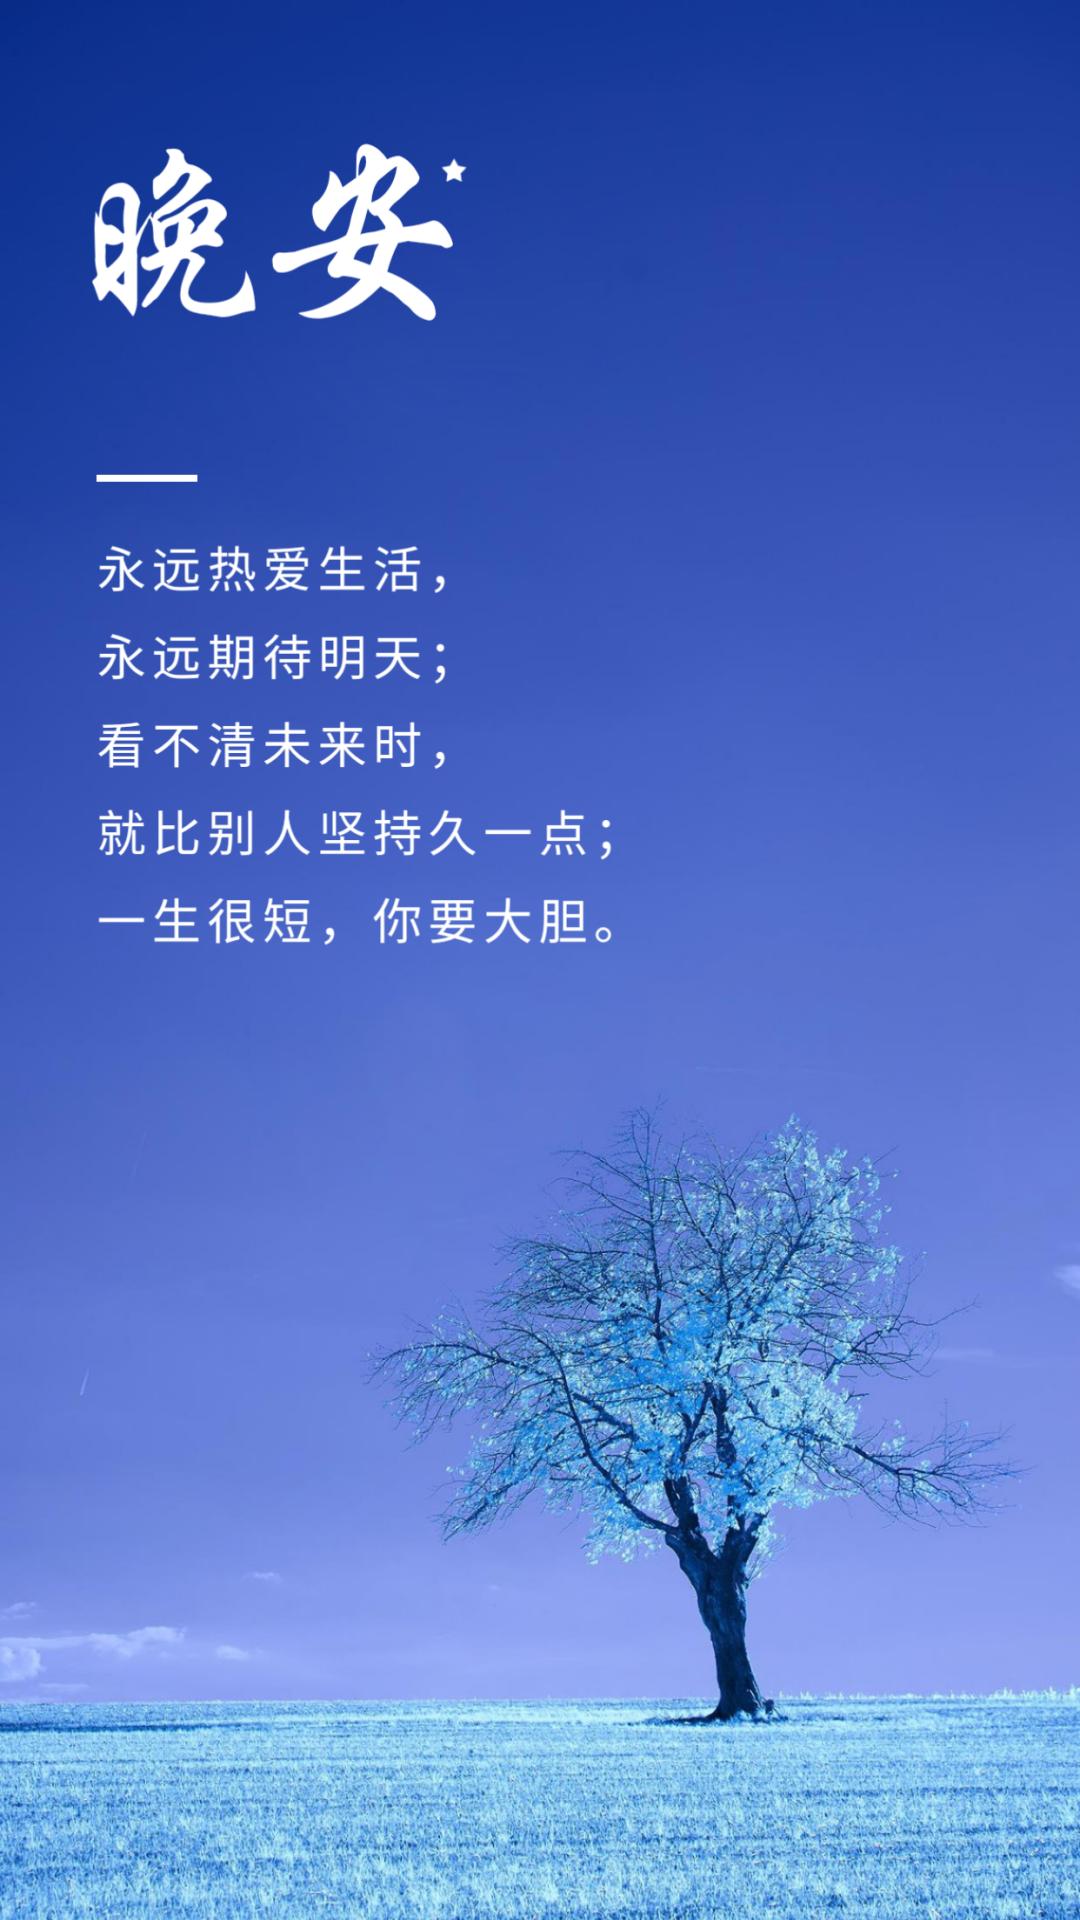 早安清新短句子:温柔半两,从容一生